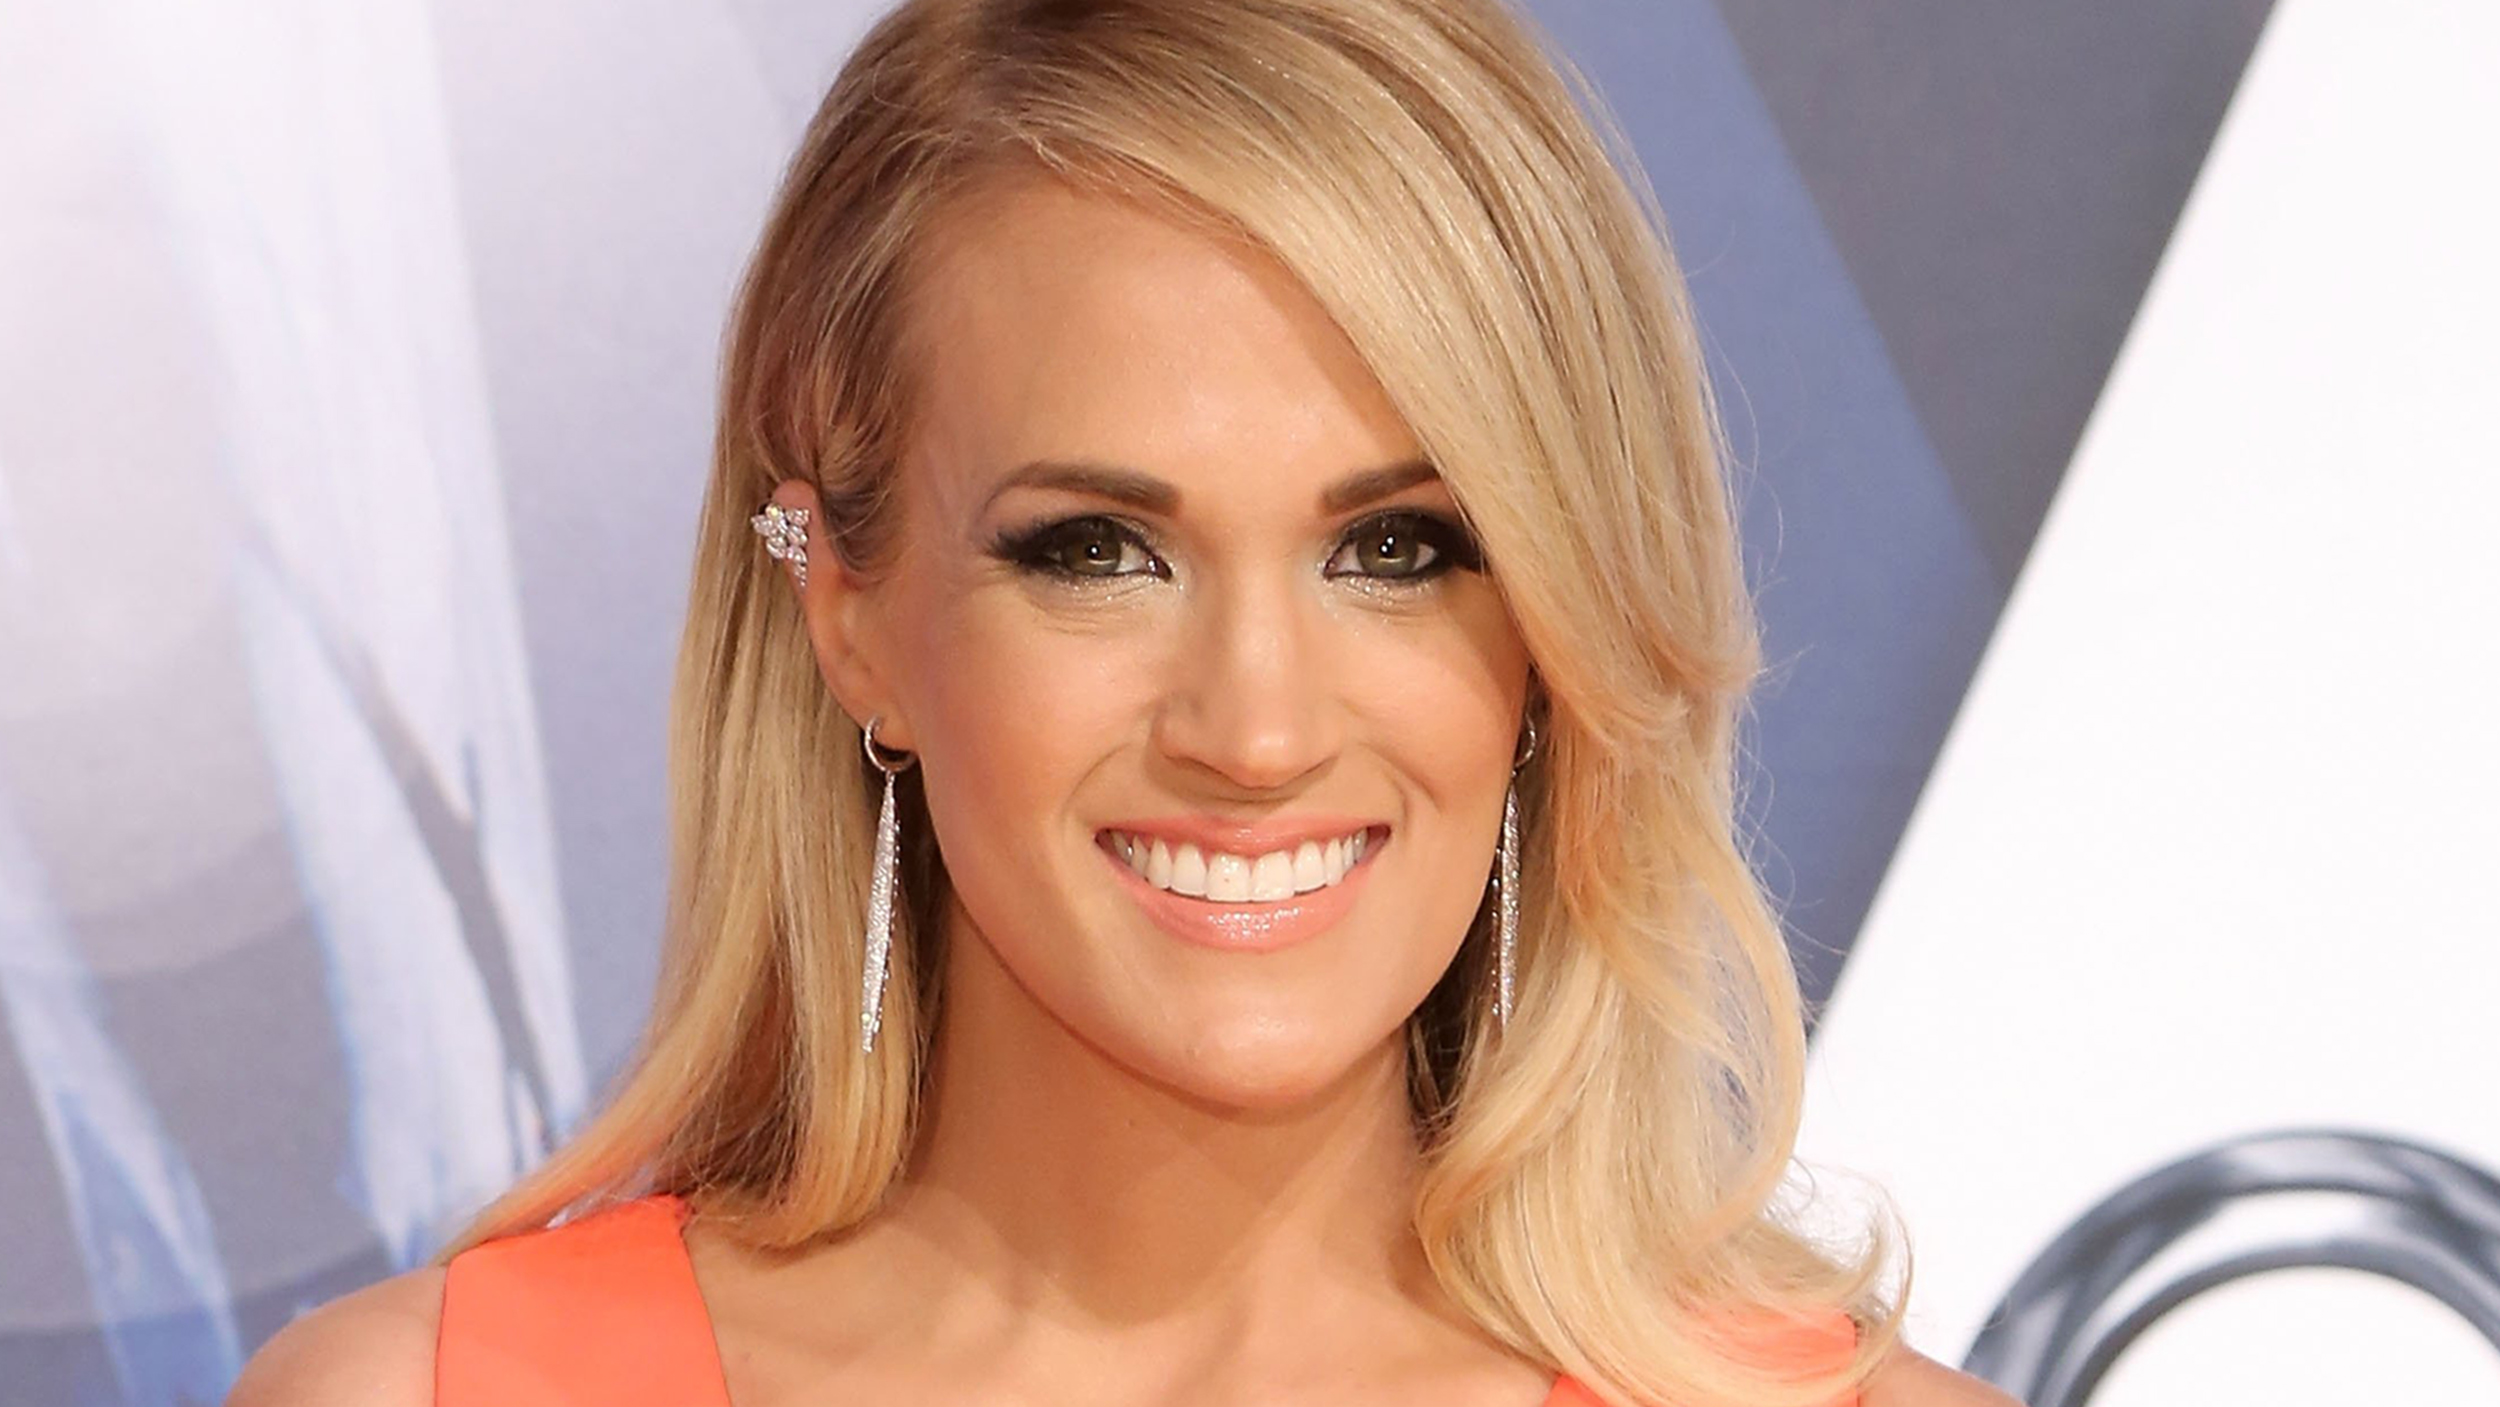 Carrie Underwood Gets Sweet Slobbery Baby Kisses Cute Instagram Video ...